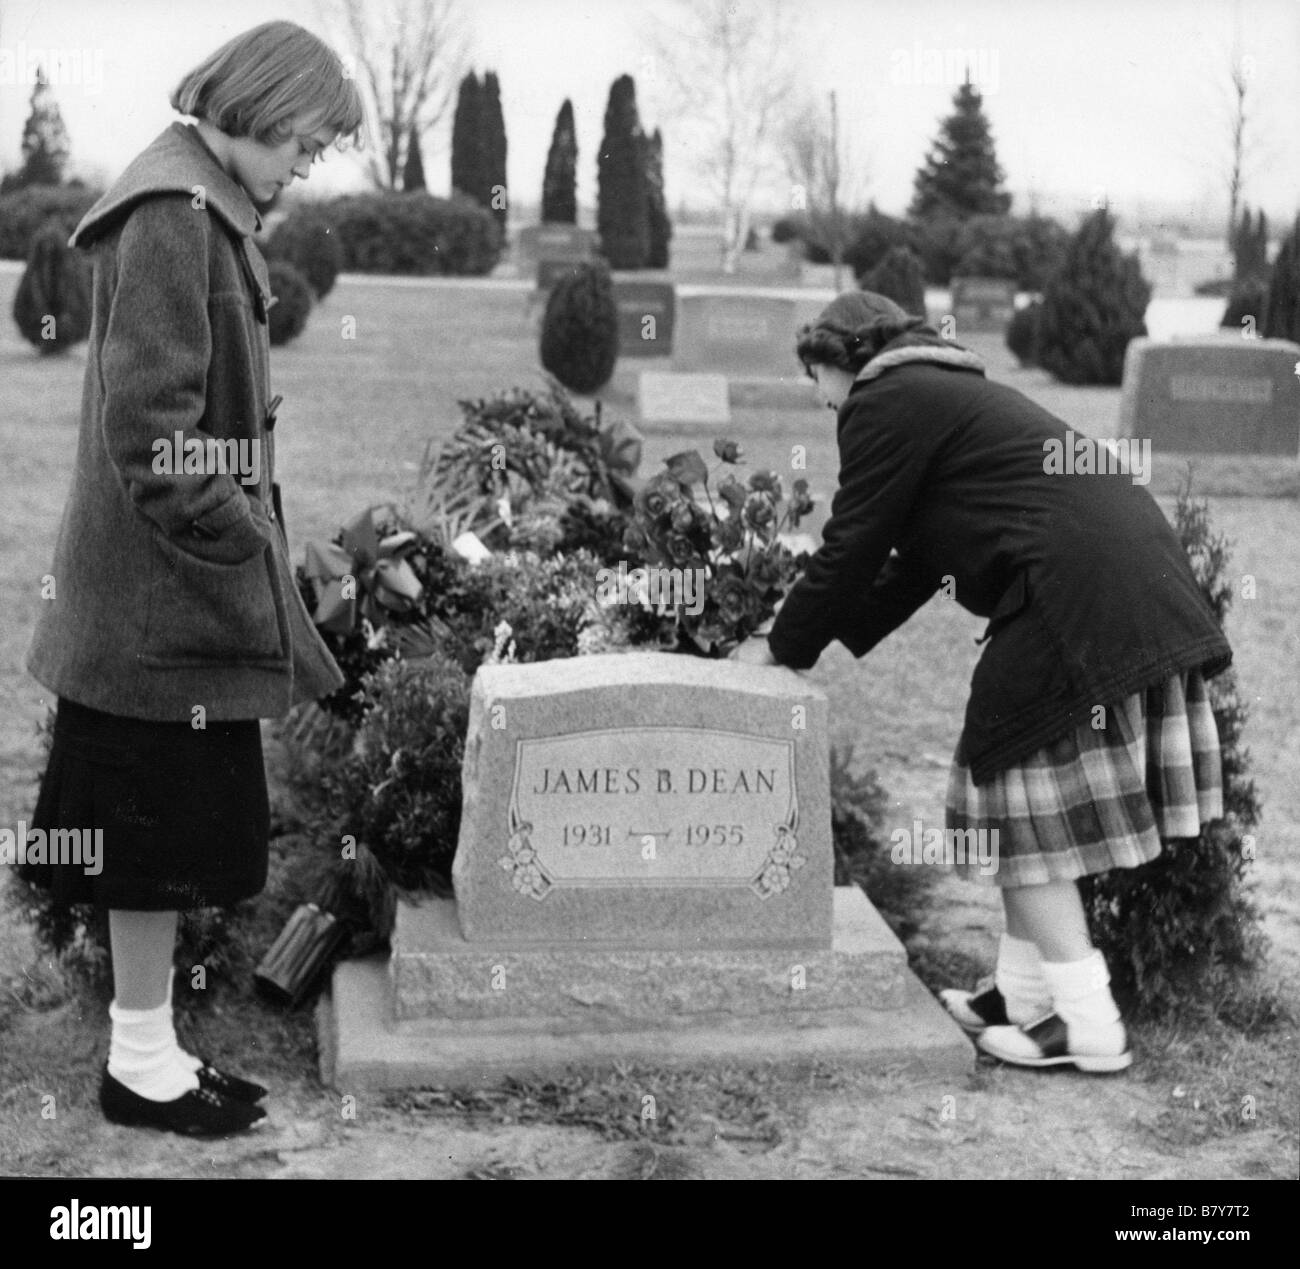 James Dean la tombe de james dean Stock Photo: 22111826 - Alamy